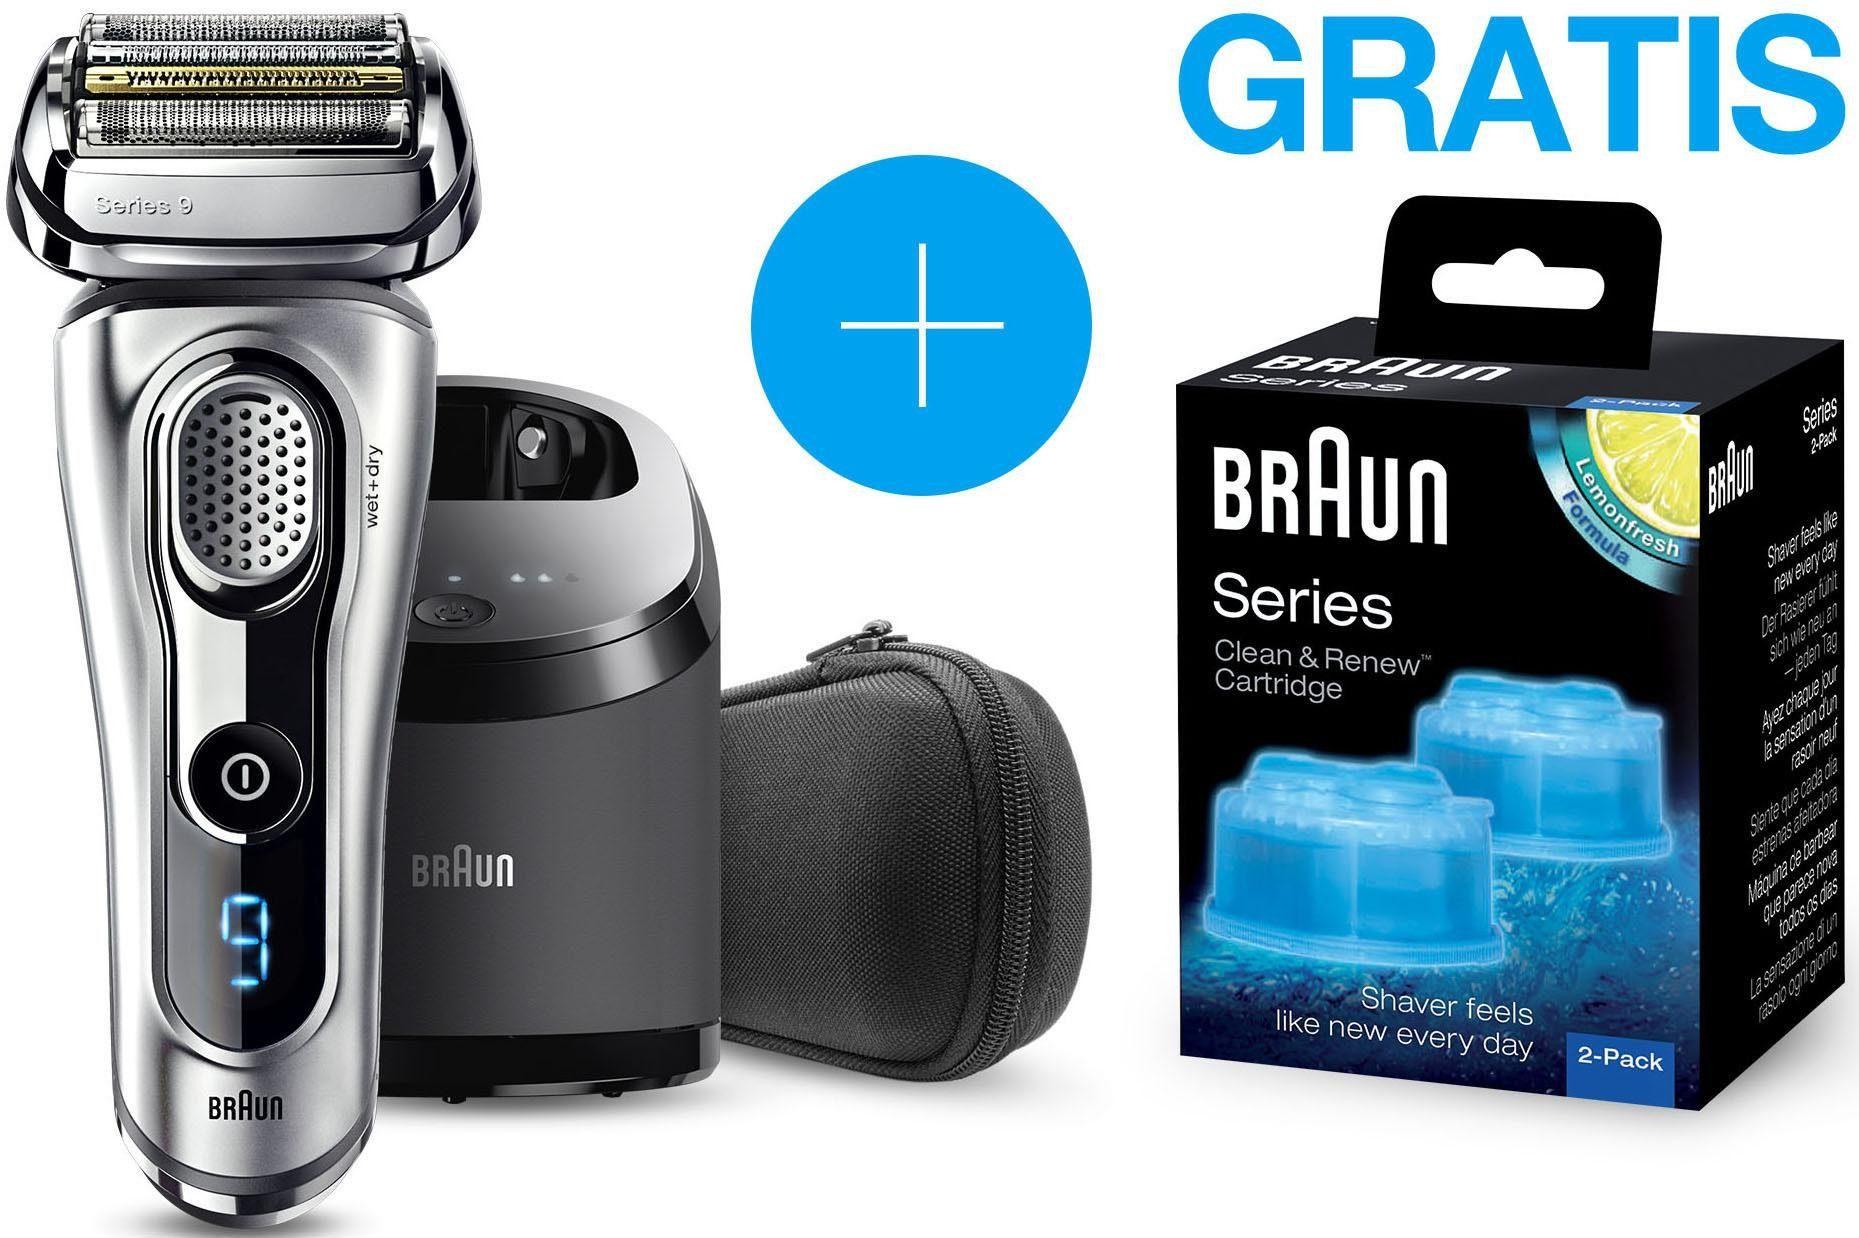 Braun Elektrorasierer Series 9 9290cc, Wet&Dry mit gratis CCR2 Reinigungskartuschen